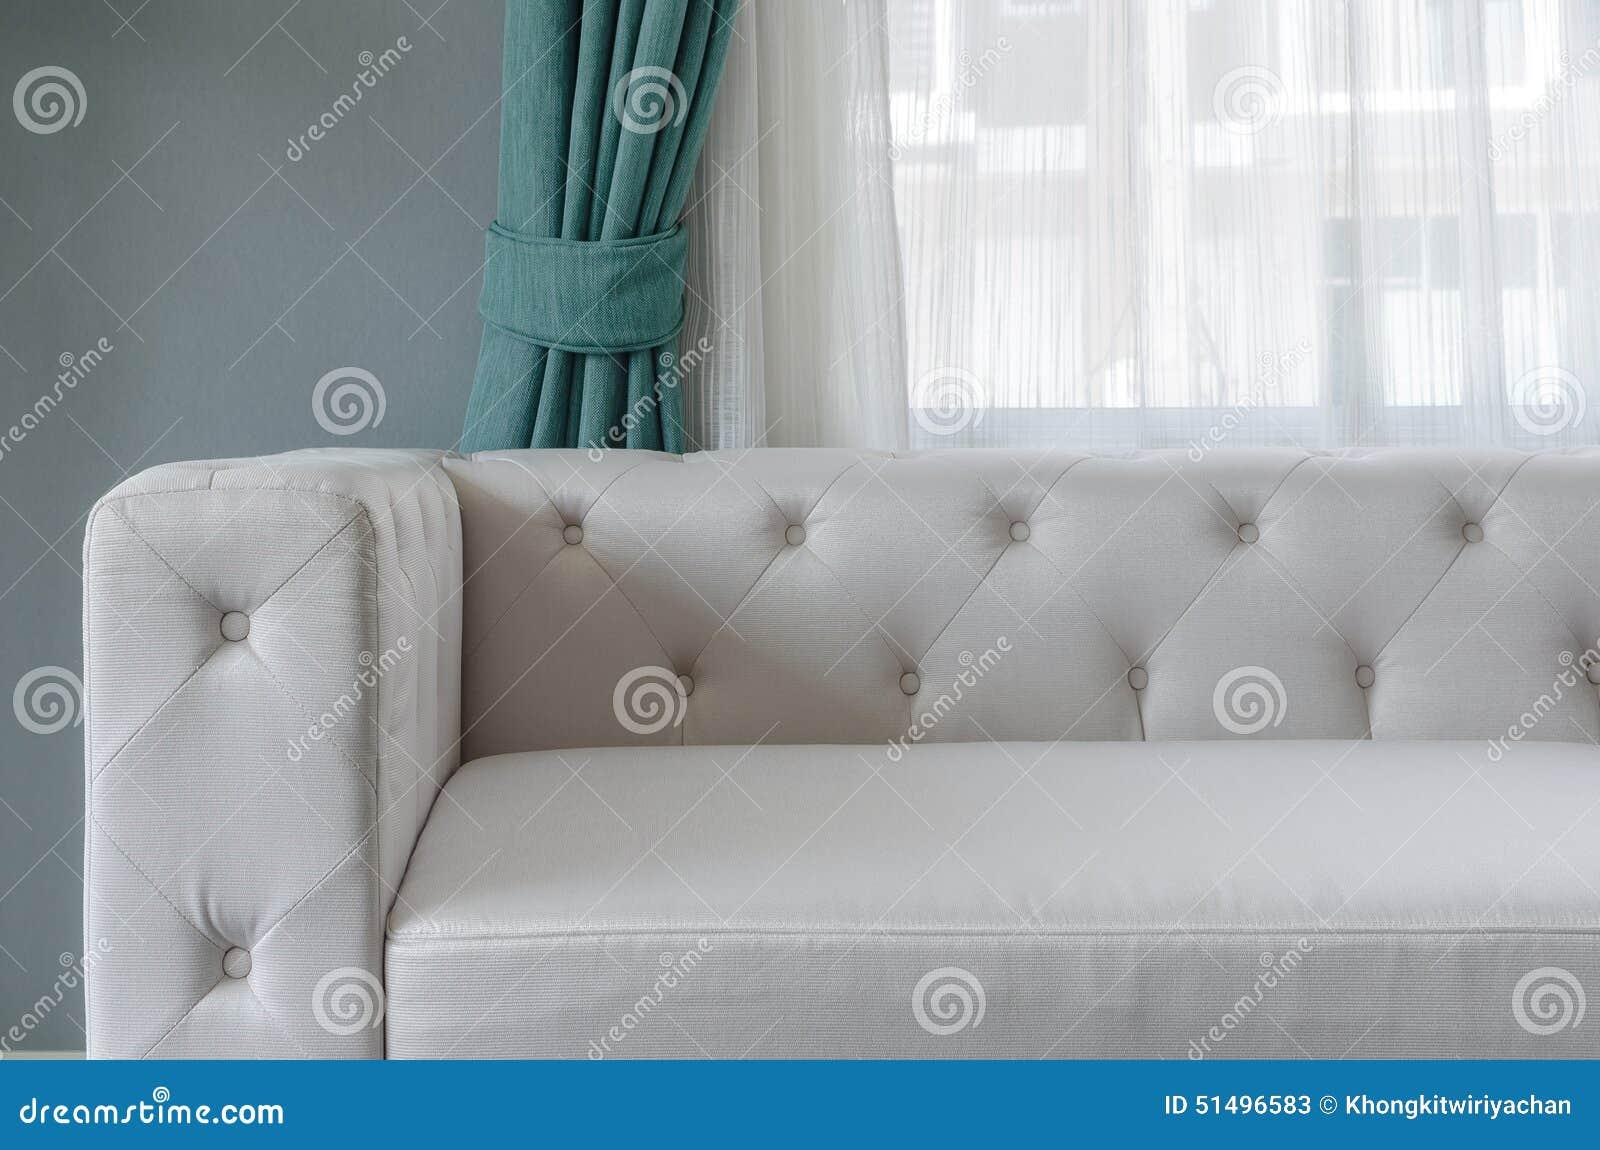 modernes wei es sofa mit gr ner wand und vorhang im wohnzimmer. Black Bedroom Furniture Sets. Home Design Ideas